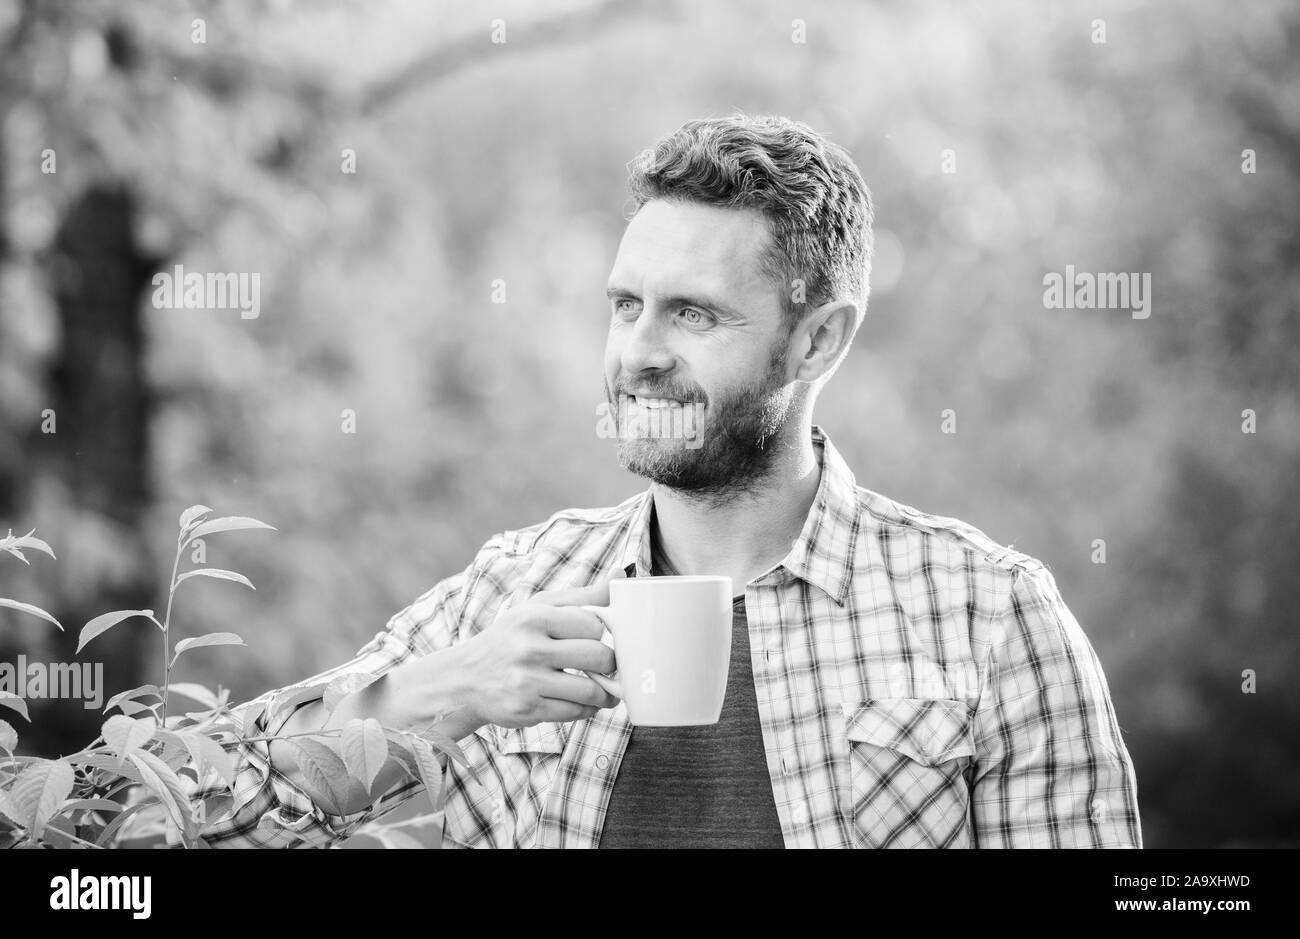 Kaffee am Morgen. gesunde Lebensweise. Natur und gesundheit. trinken Tee outdoor. ökologisches Leben für den Menschen. Mann im grünen Wald. Frühstücksbuffet. glücklicher Mann mit Tasse Tee. Guten Morgen Kaffee. Stockfoto